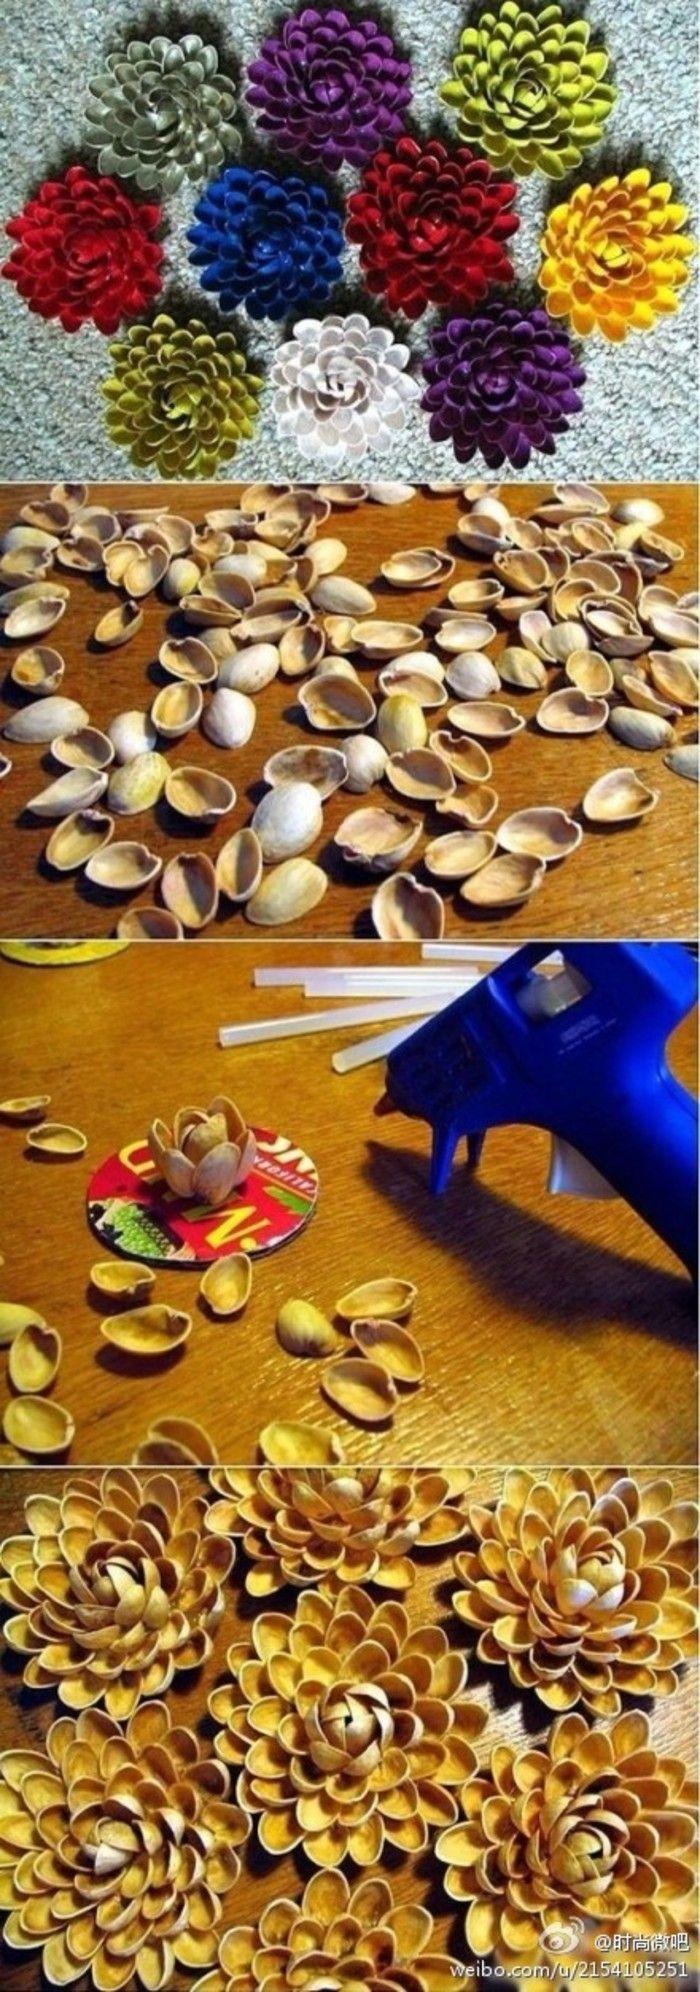 开心果壳DIY绚丽装饰花,废物利用且环保喔